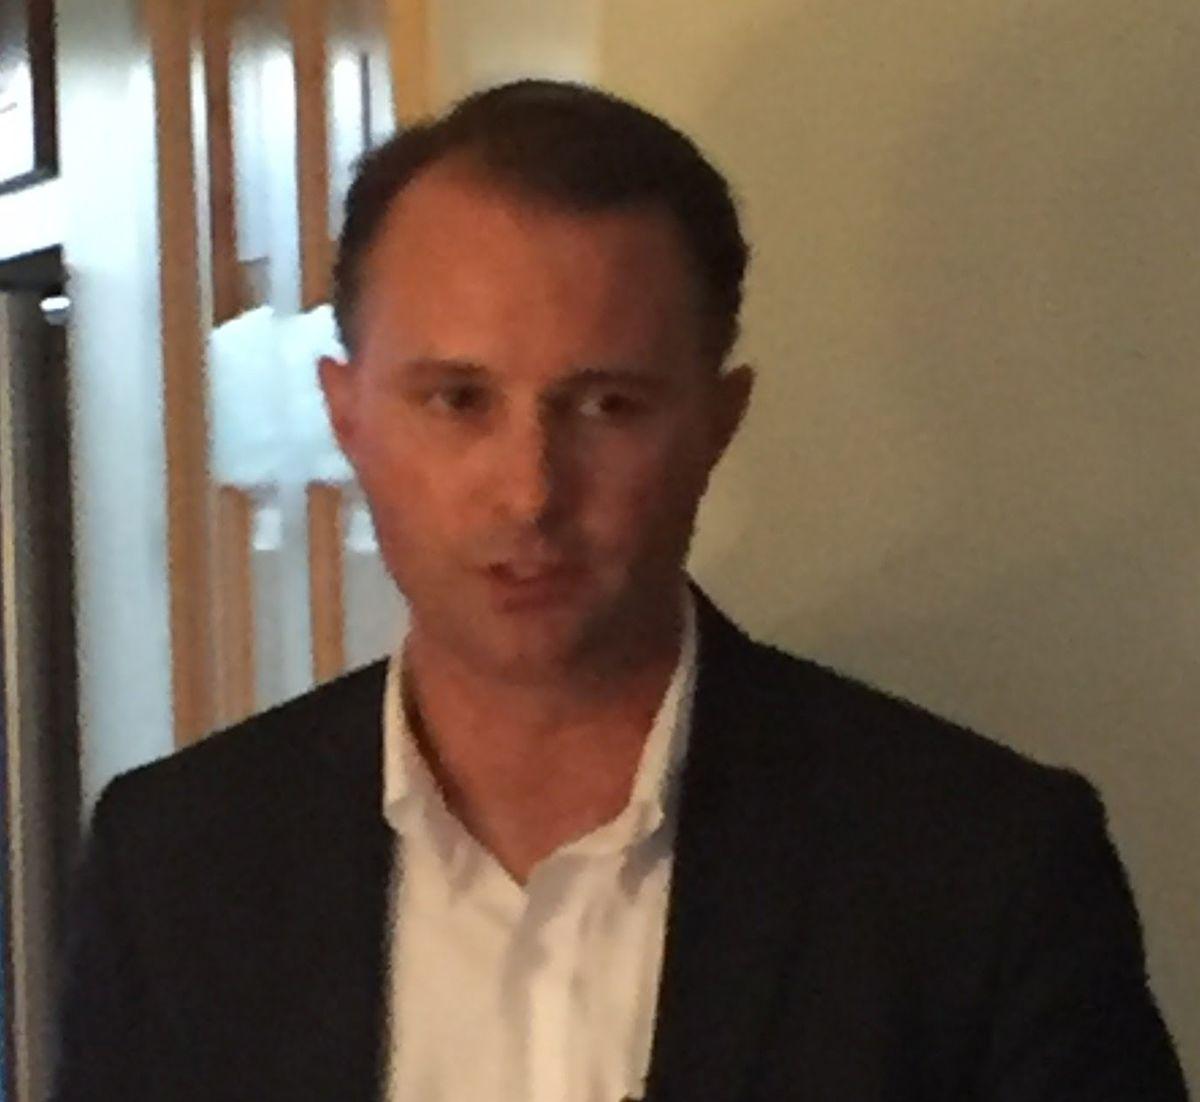 Colorado Executive Branch Part 2 Attorney General: T. J. Donovan